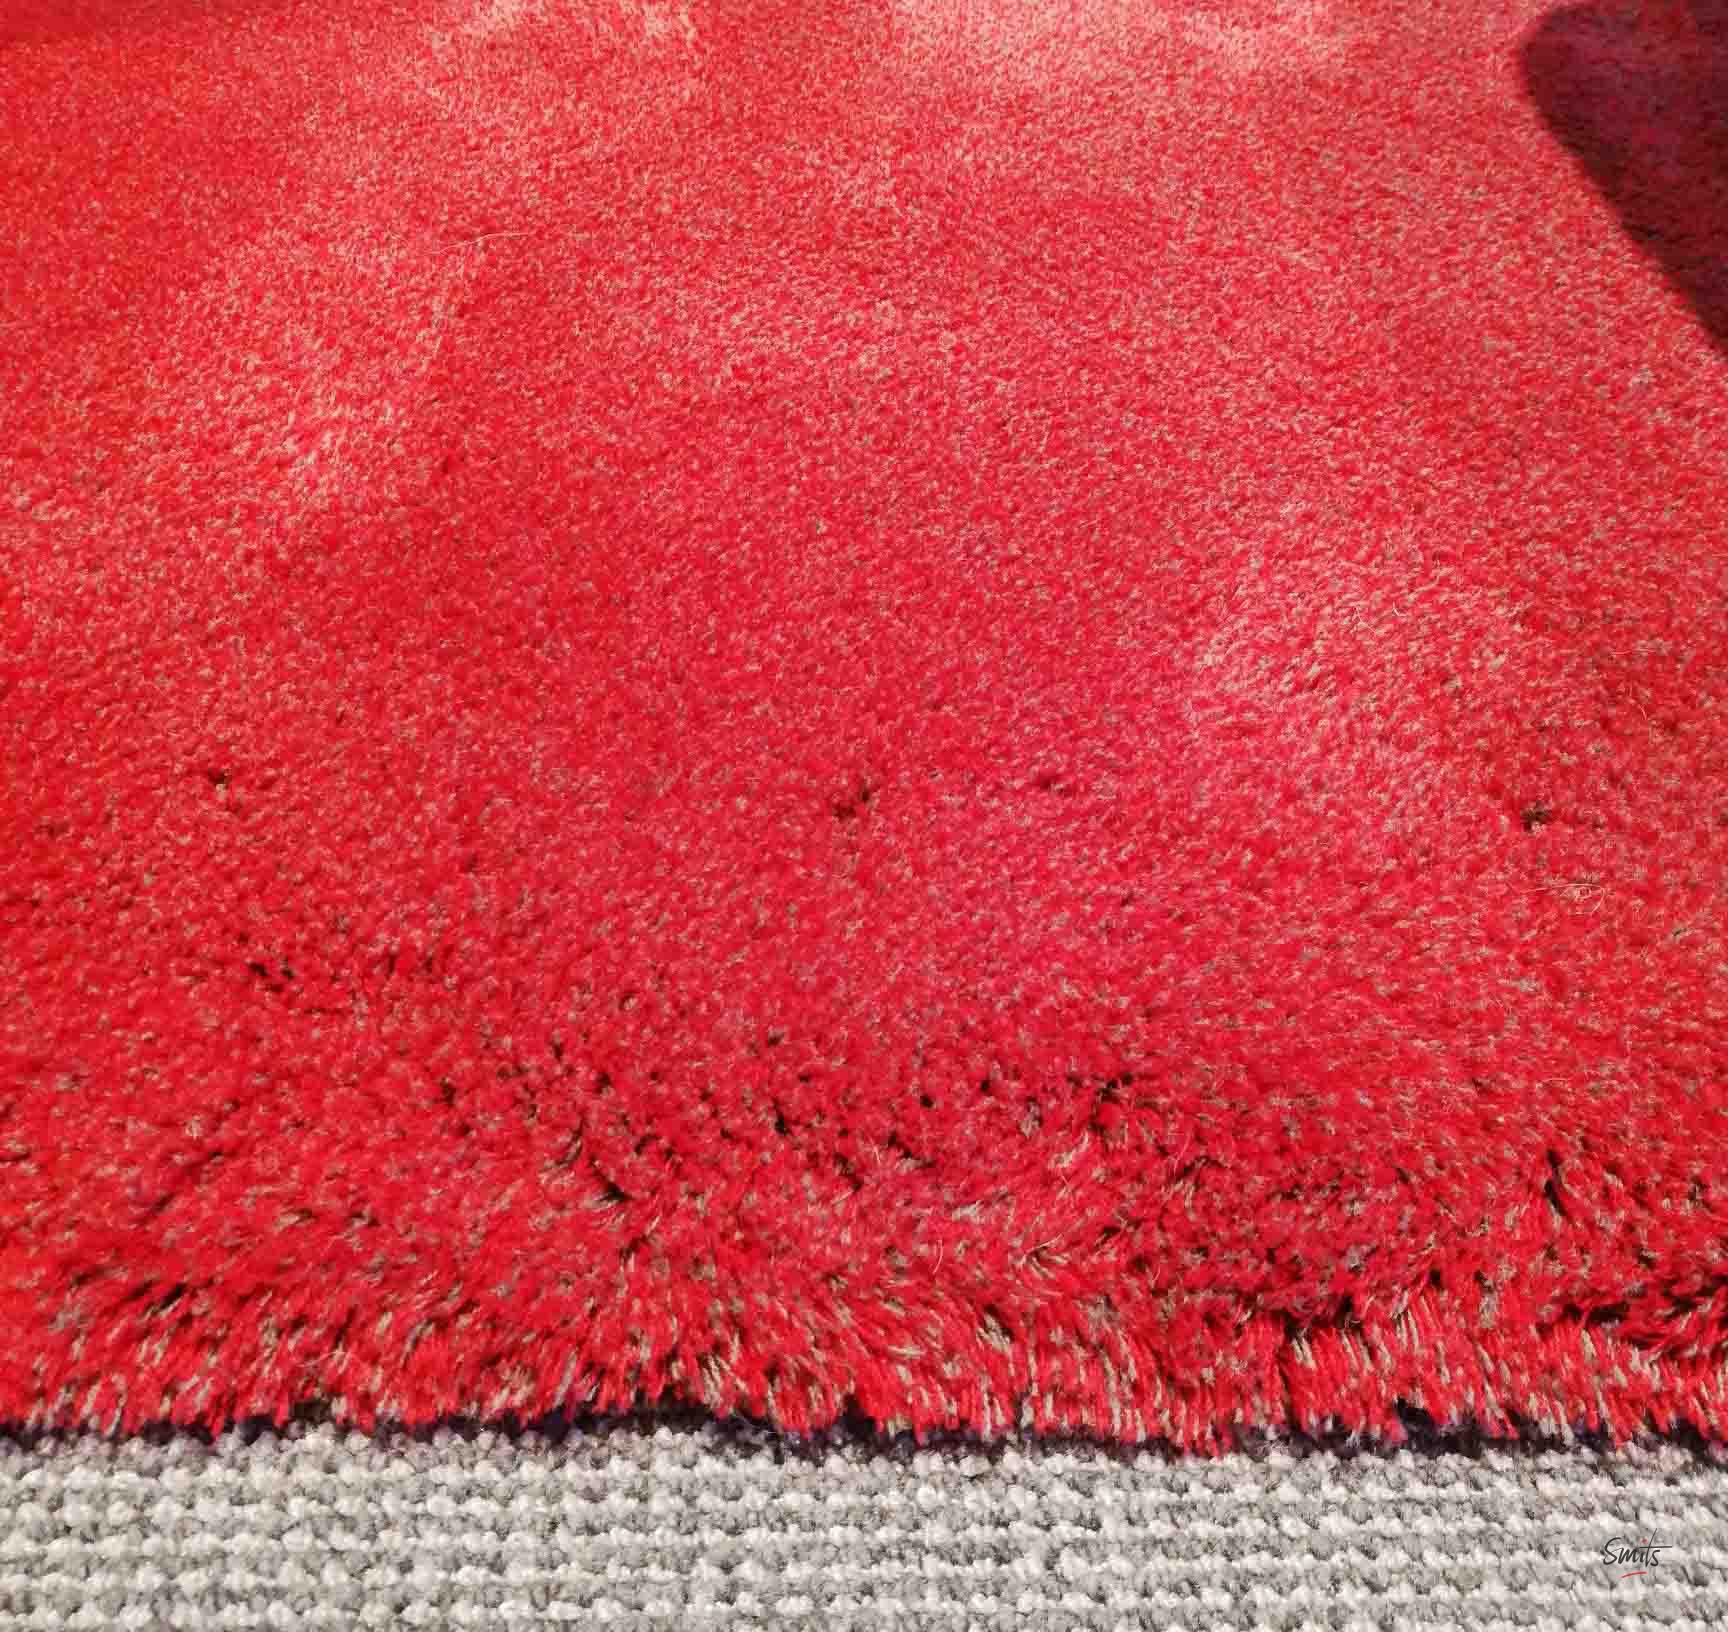 Showroom Carpet Sign Cameleon